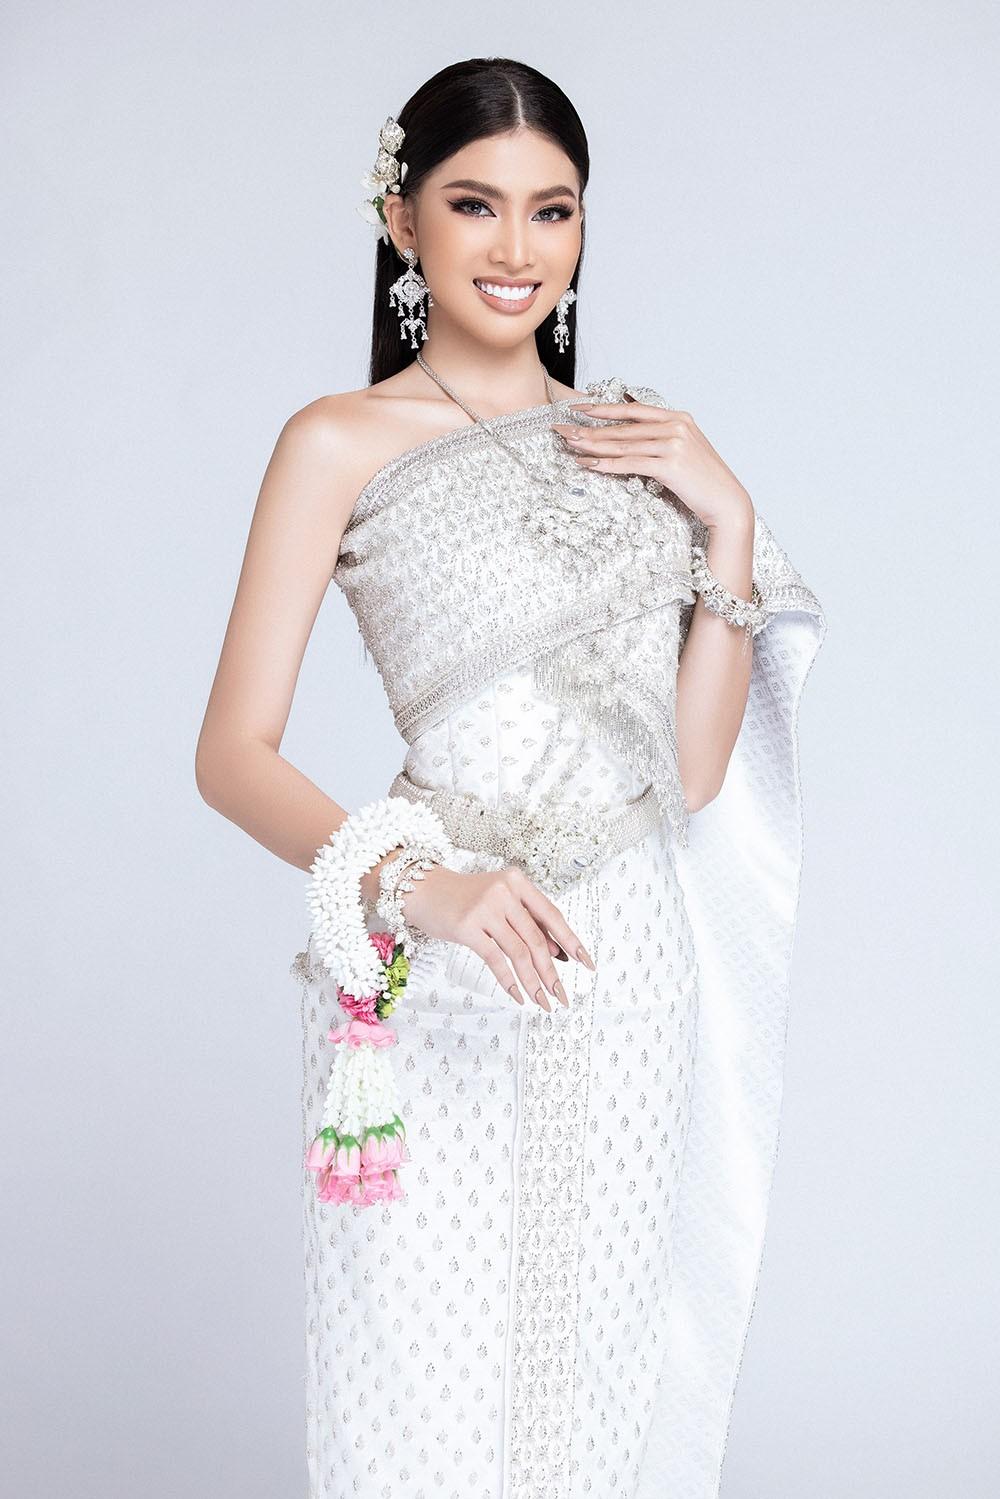 Sau khi bị hack instagram, Ngọc Thảo tung bộ ảnh đẹp 'đỉnh cao' khi mặc quốc phục Thái Lan ảnh 9